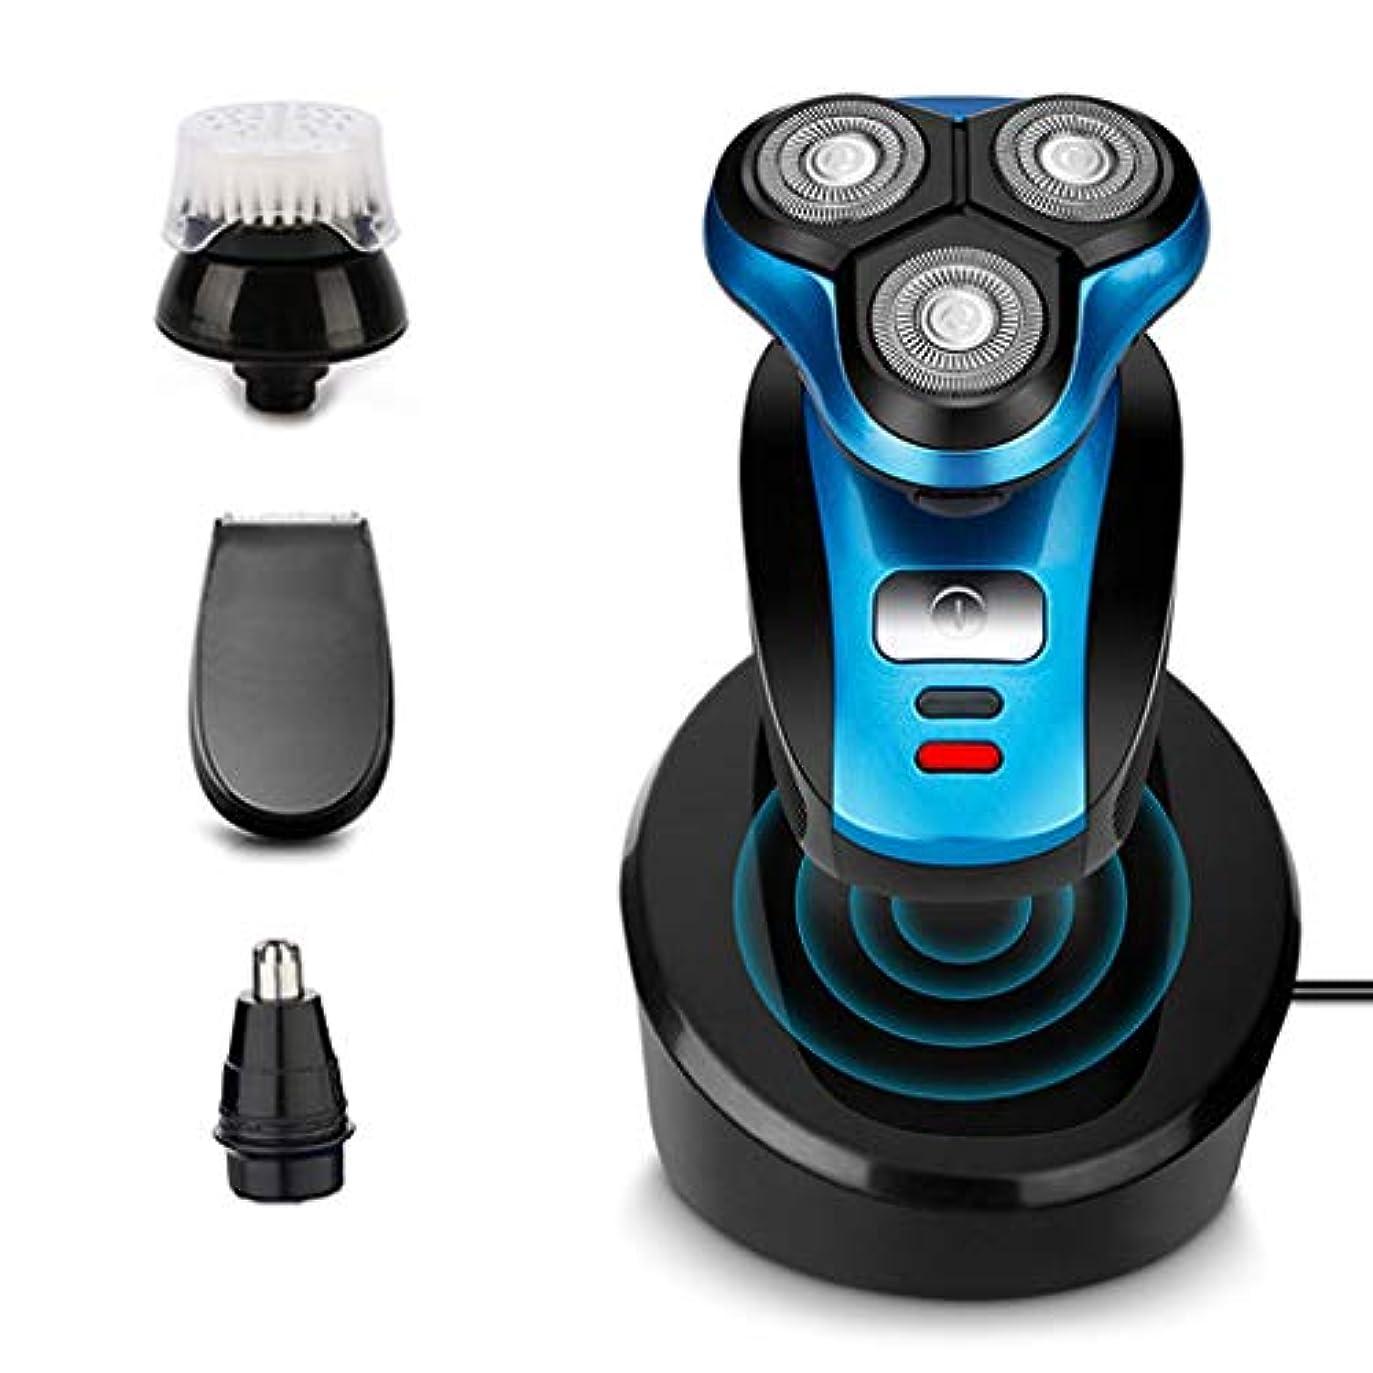 悩みビーチ視力YHSUNN USBワイヤレス充電電気シェーバー男性用フローティング3ブレードヘッド電気シェービングマシン充電式かみそりフェイスケアツール